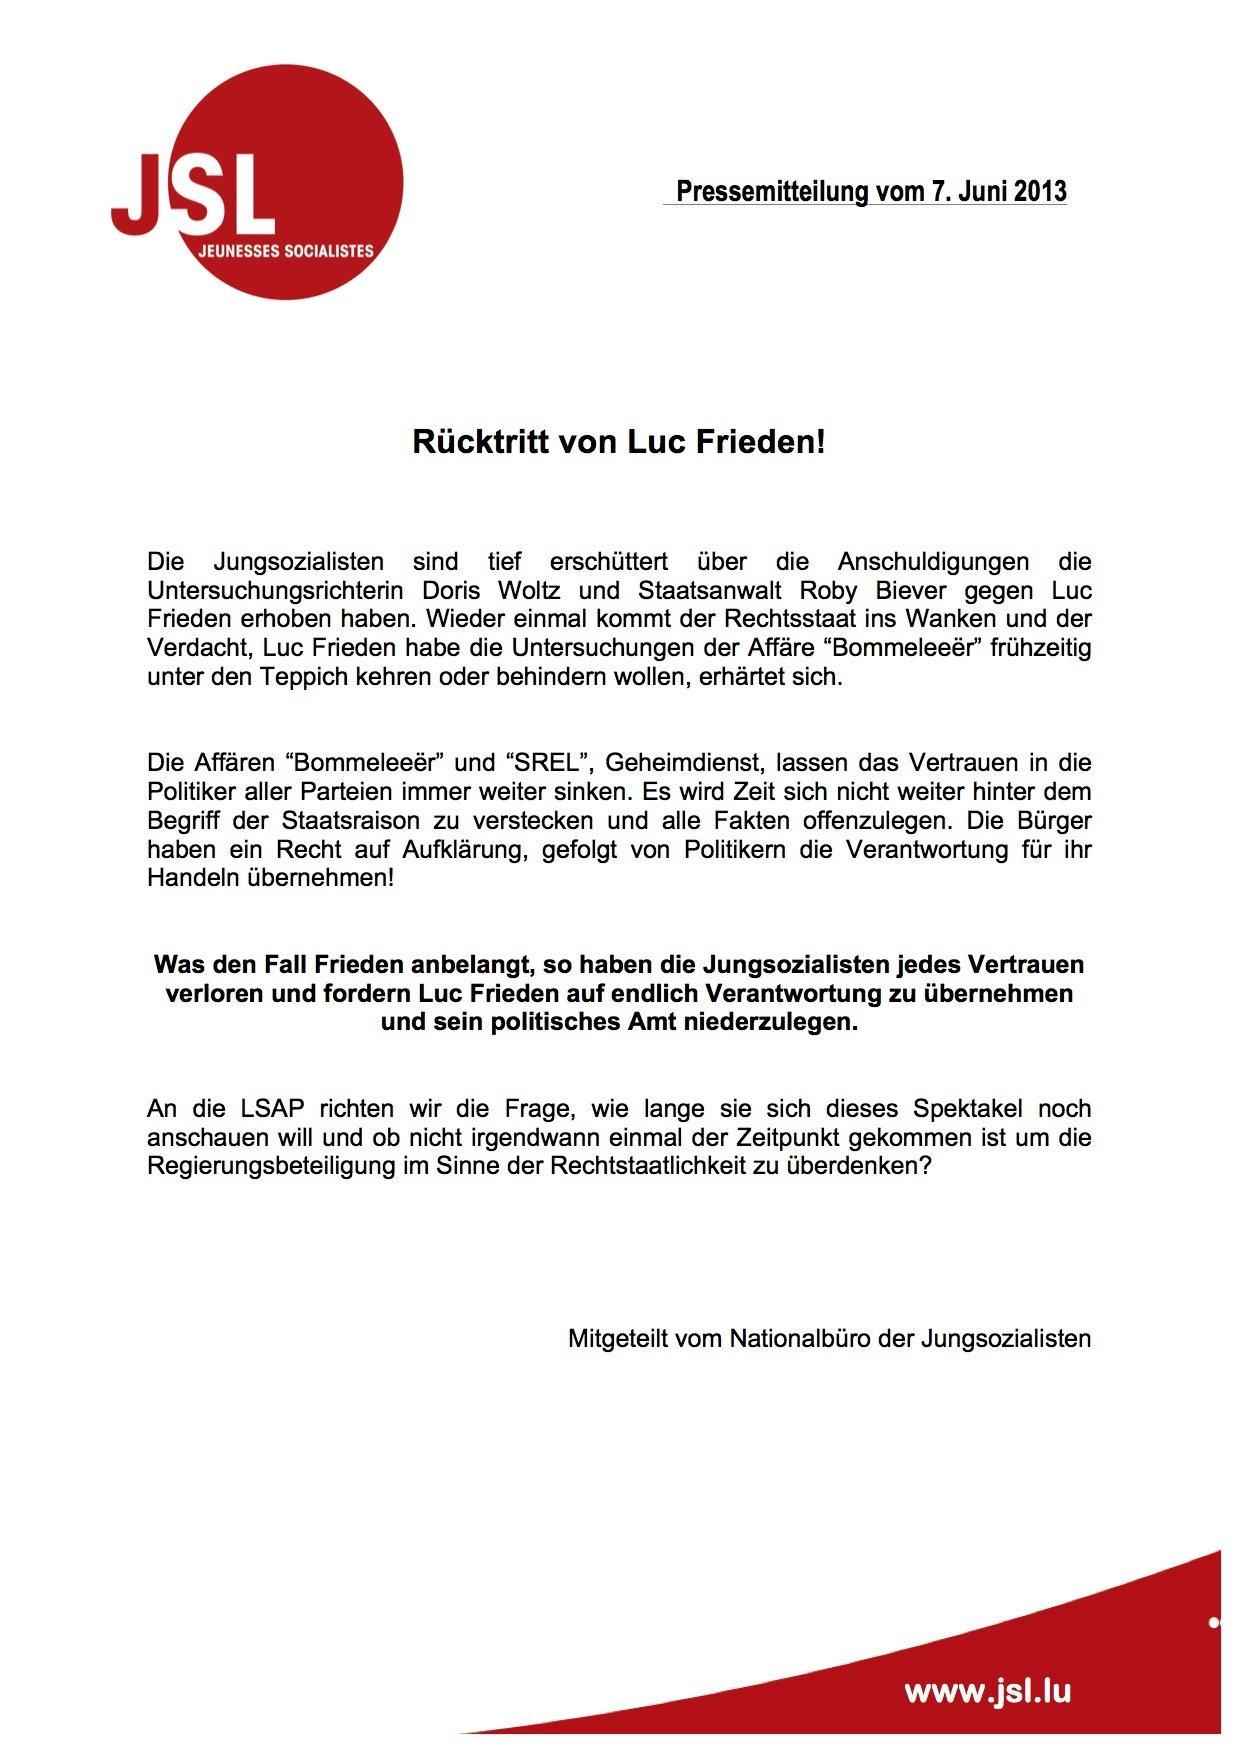 Rücktritt von Finanzminister Luc Frieden!